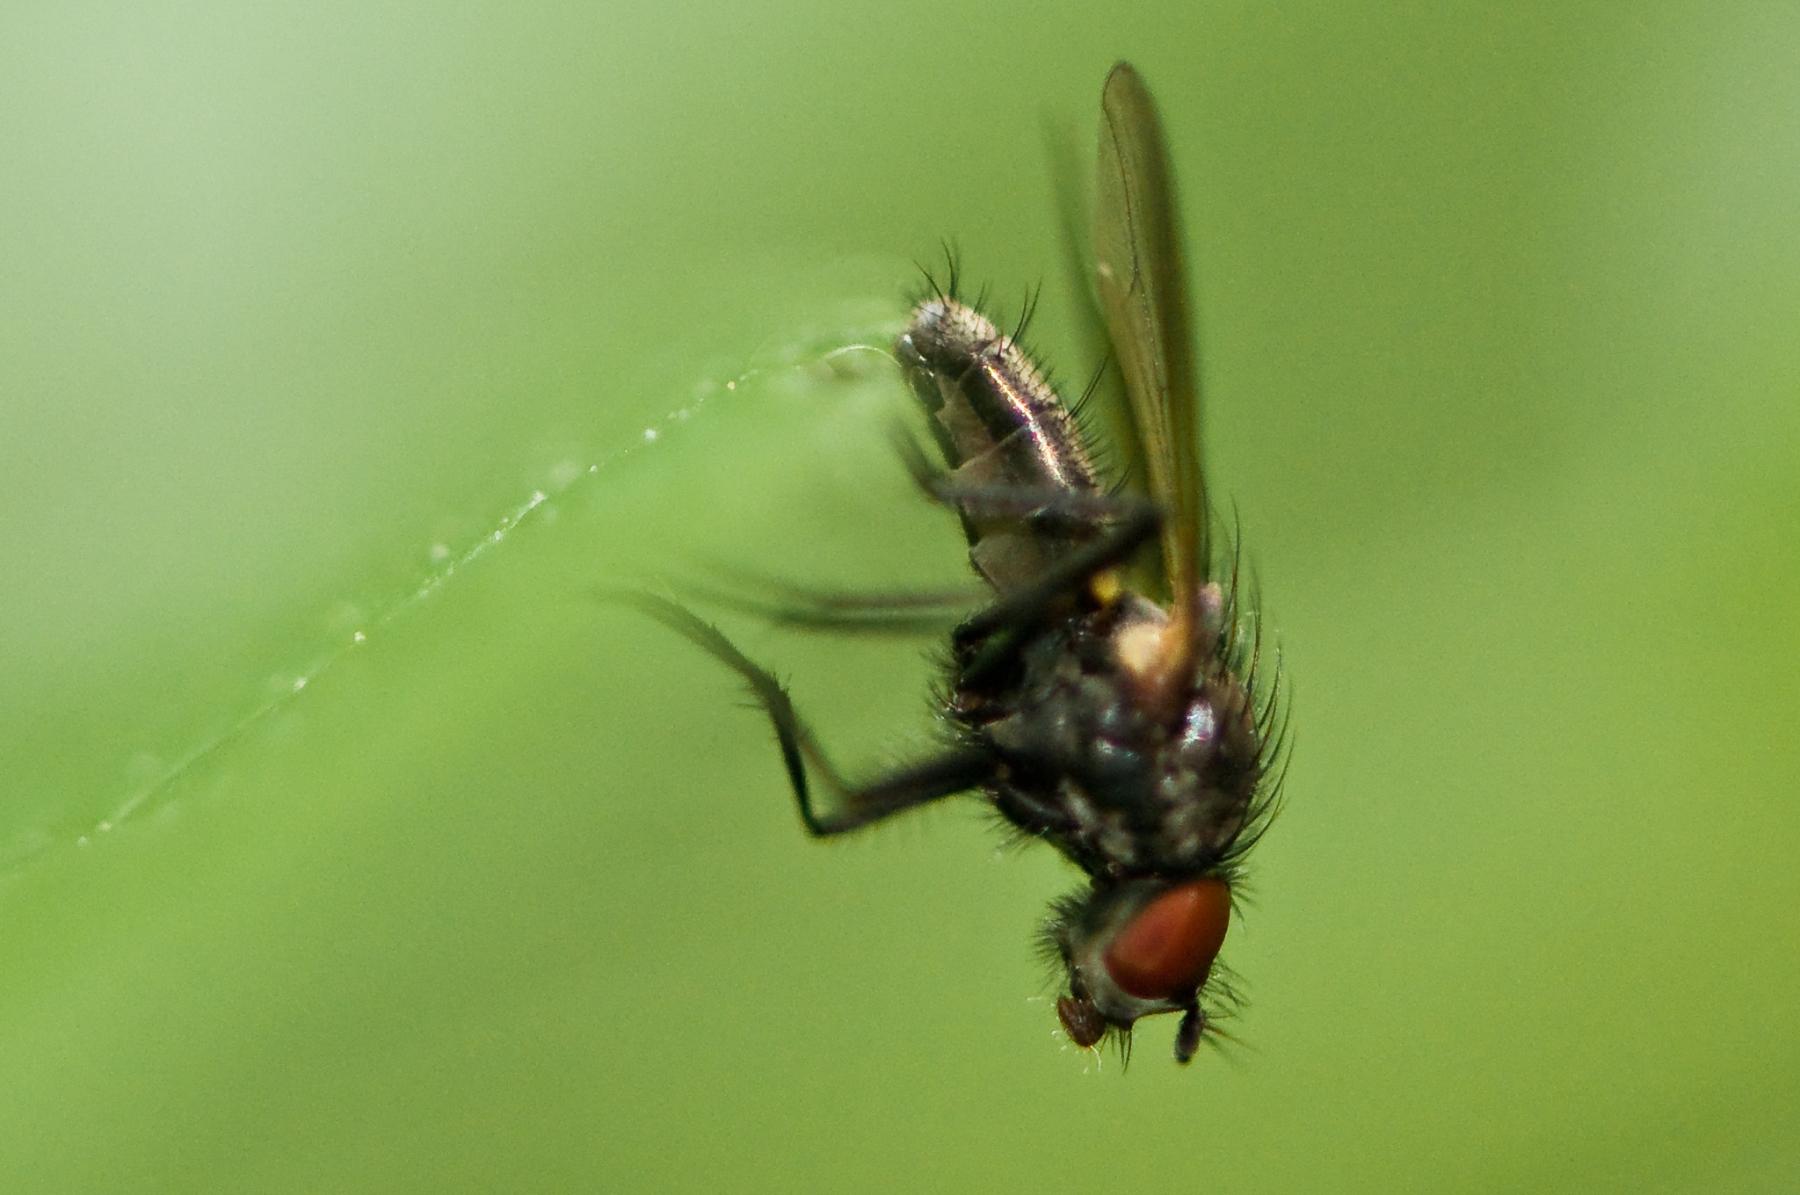 Anthomyiid Fly - Botanophila fugax, Sherwood Forest, Notts